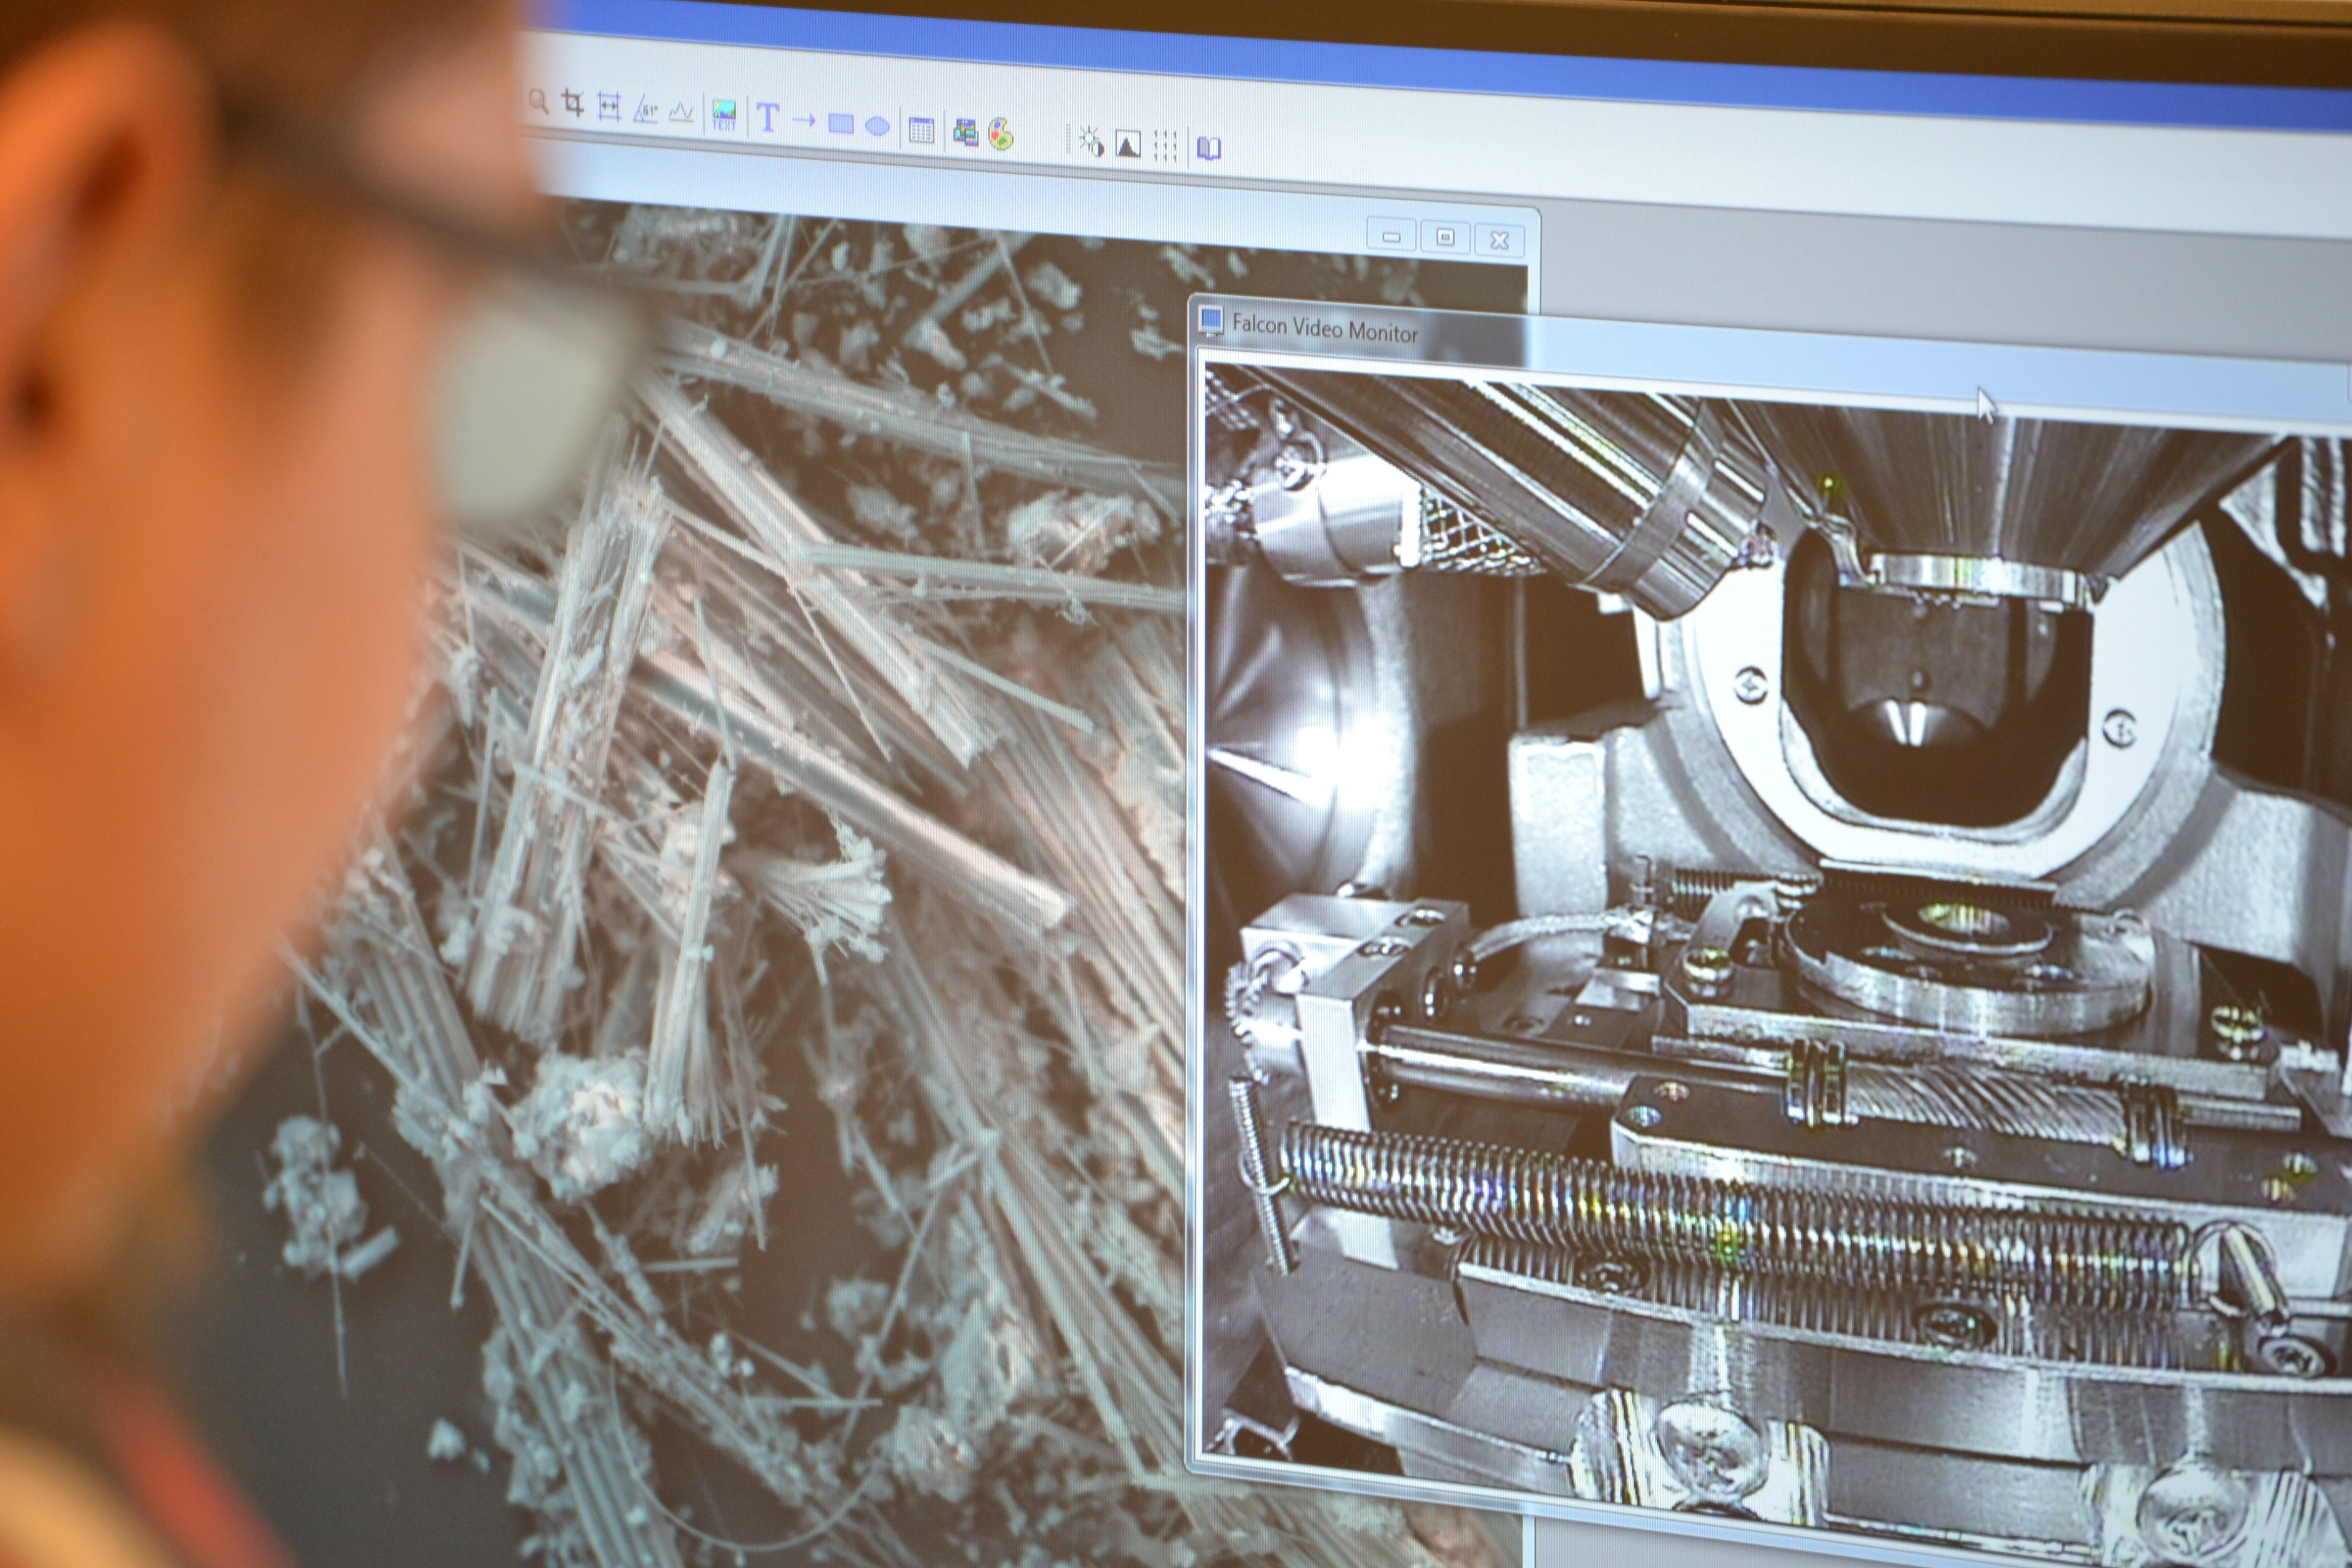 Kiinteistötutkimuslaboratorion asiantuntija tutkimassa asbestinäytettä elektronimikroskoopilla.